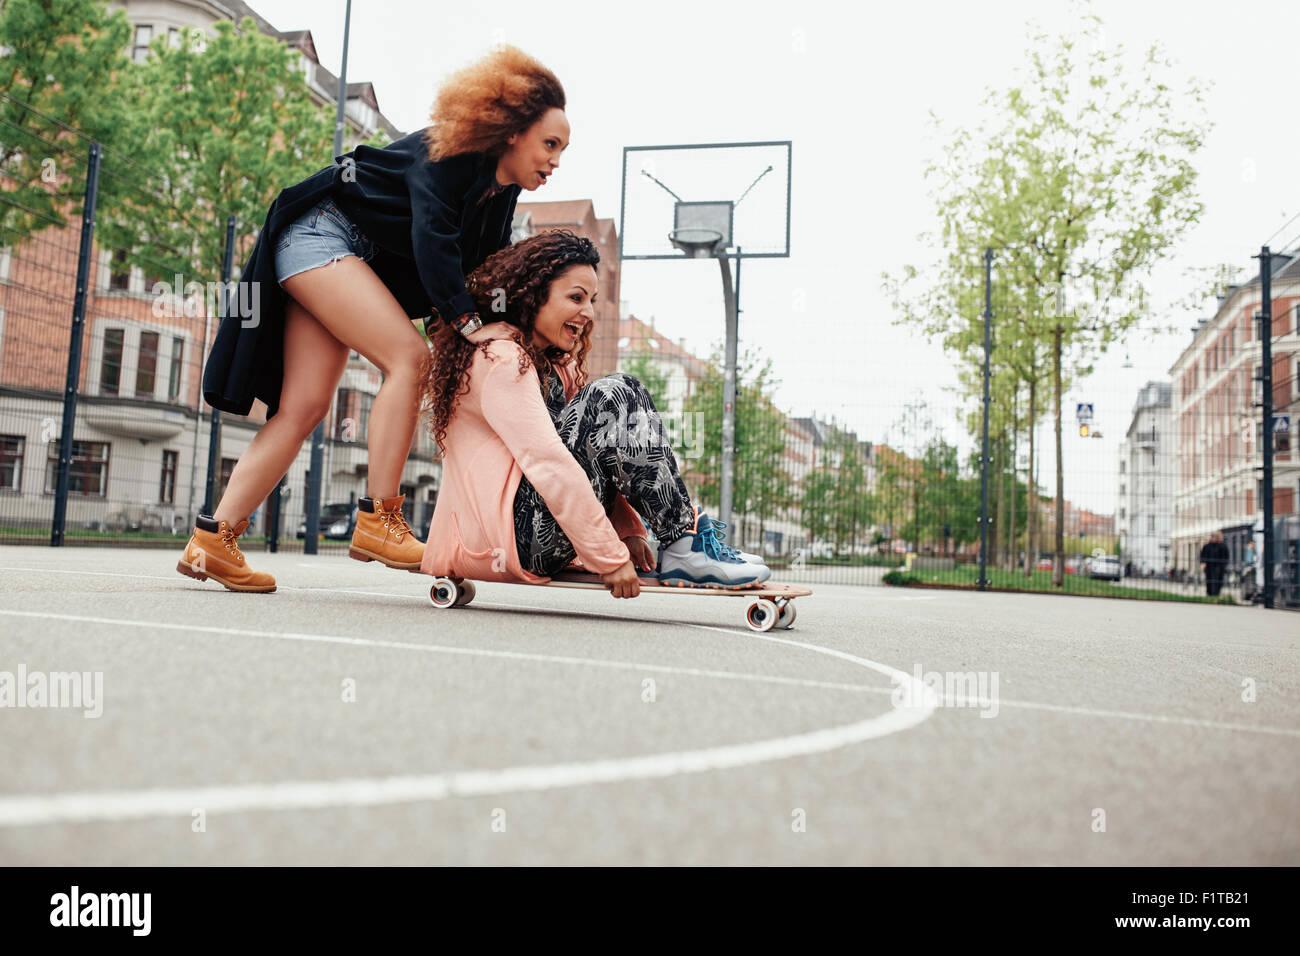 Femme poussant son ami sur la planche à roulettes. Les jeunes femmes s'amuser ensemble à l'extérieur. Photo Stock